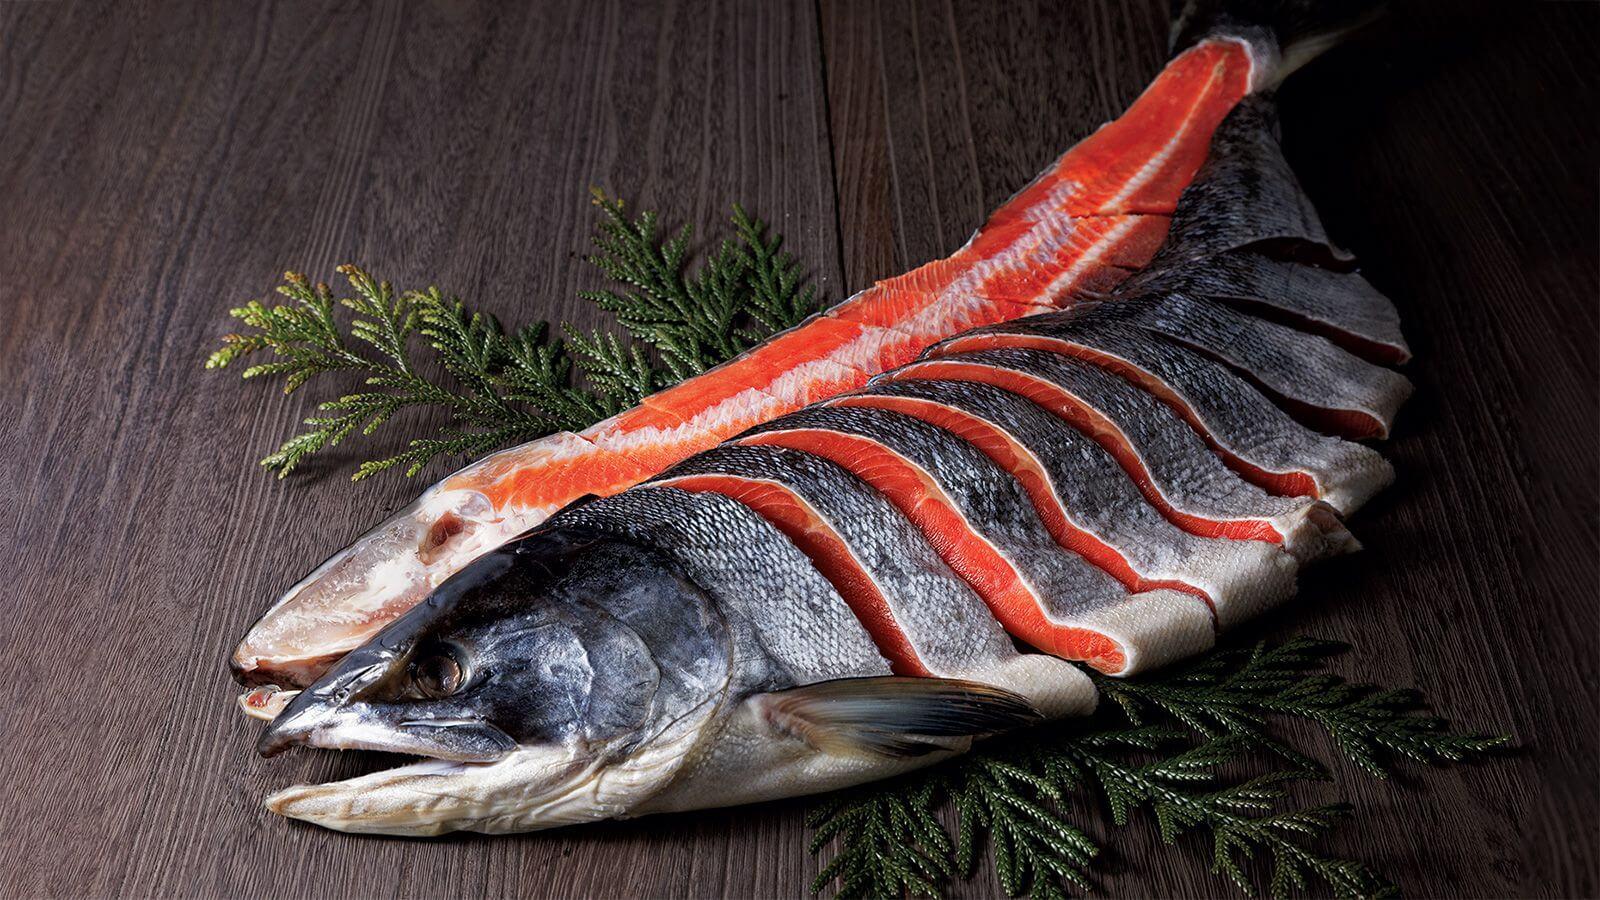 全球唯一使用天然鮭魚製成的原創產品「佐藤水產 鮭魚工廠」